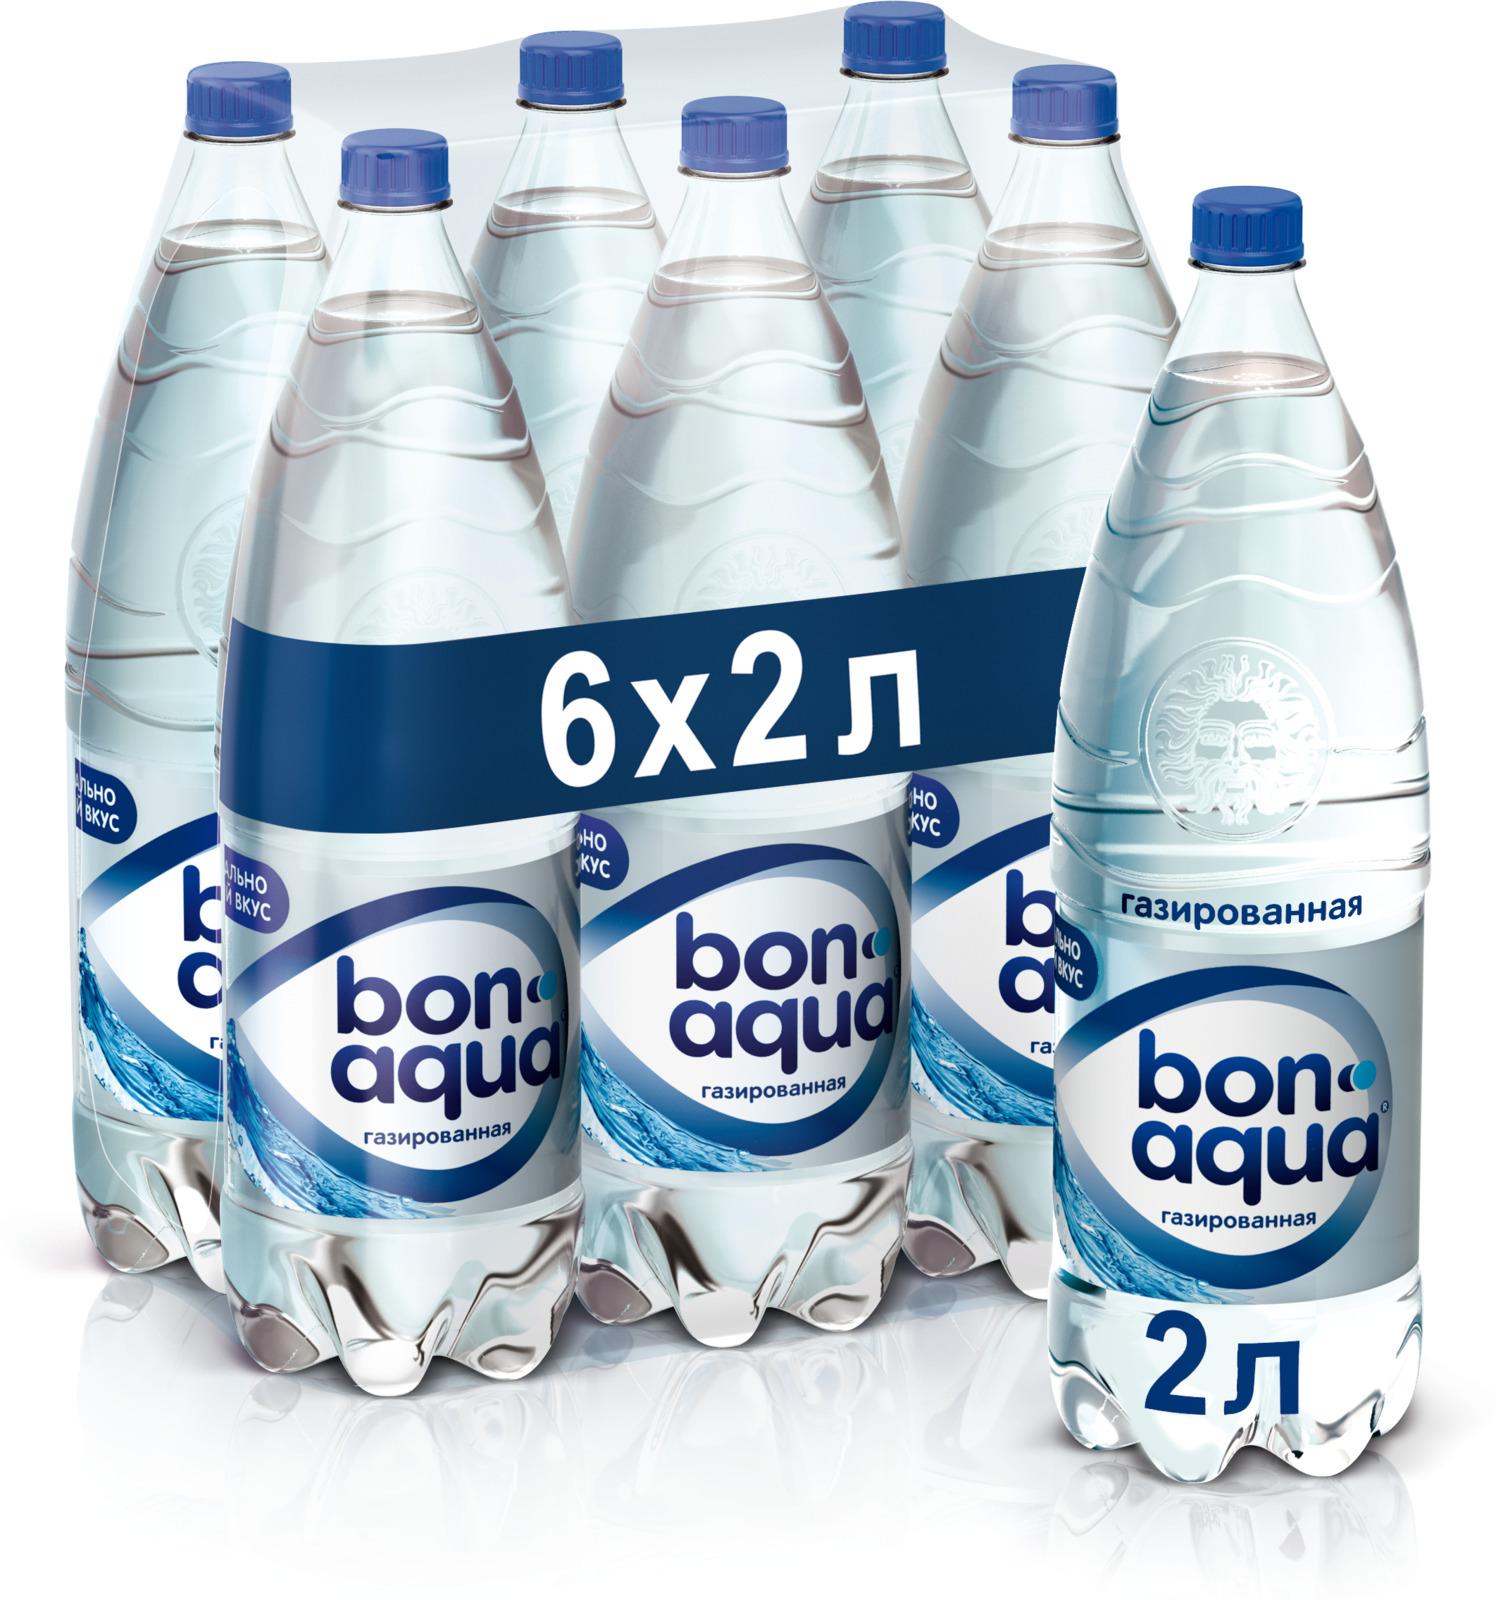 BonAqua вода чистая питьевая газированная, 6 шт х 2 л